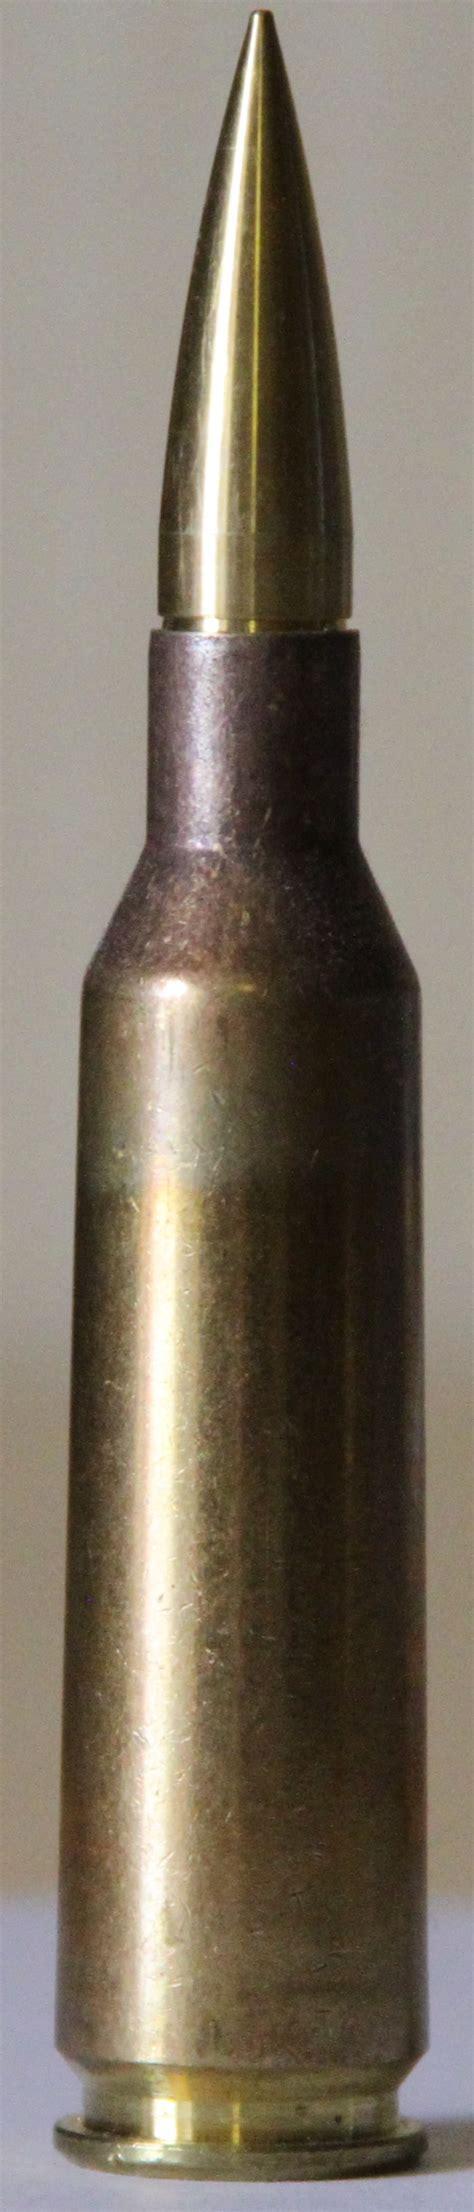 408 Cheytac Vs 50 Bmg by 408 Cheytac Vs 416 Barrett Hubpages